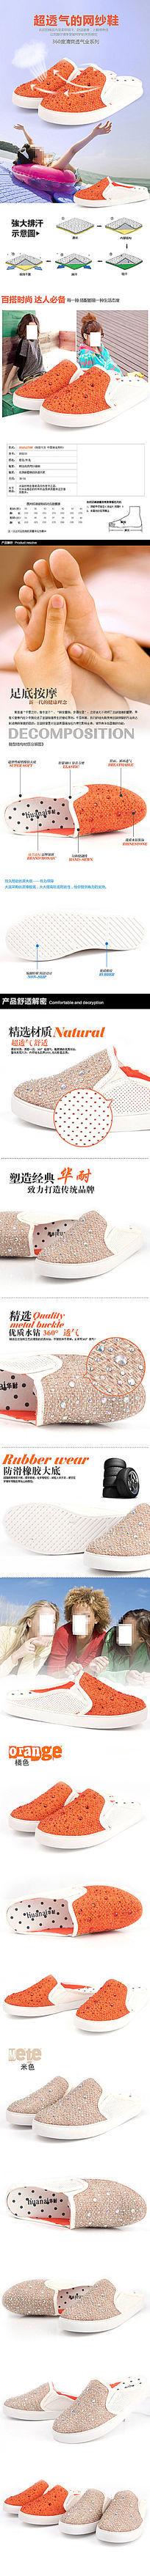 淘宝女鞋详情页运动鞋细节描述PSD模板